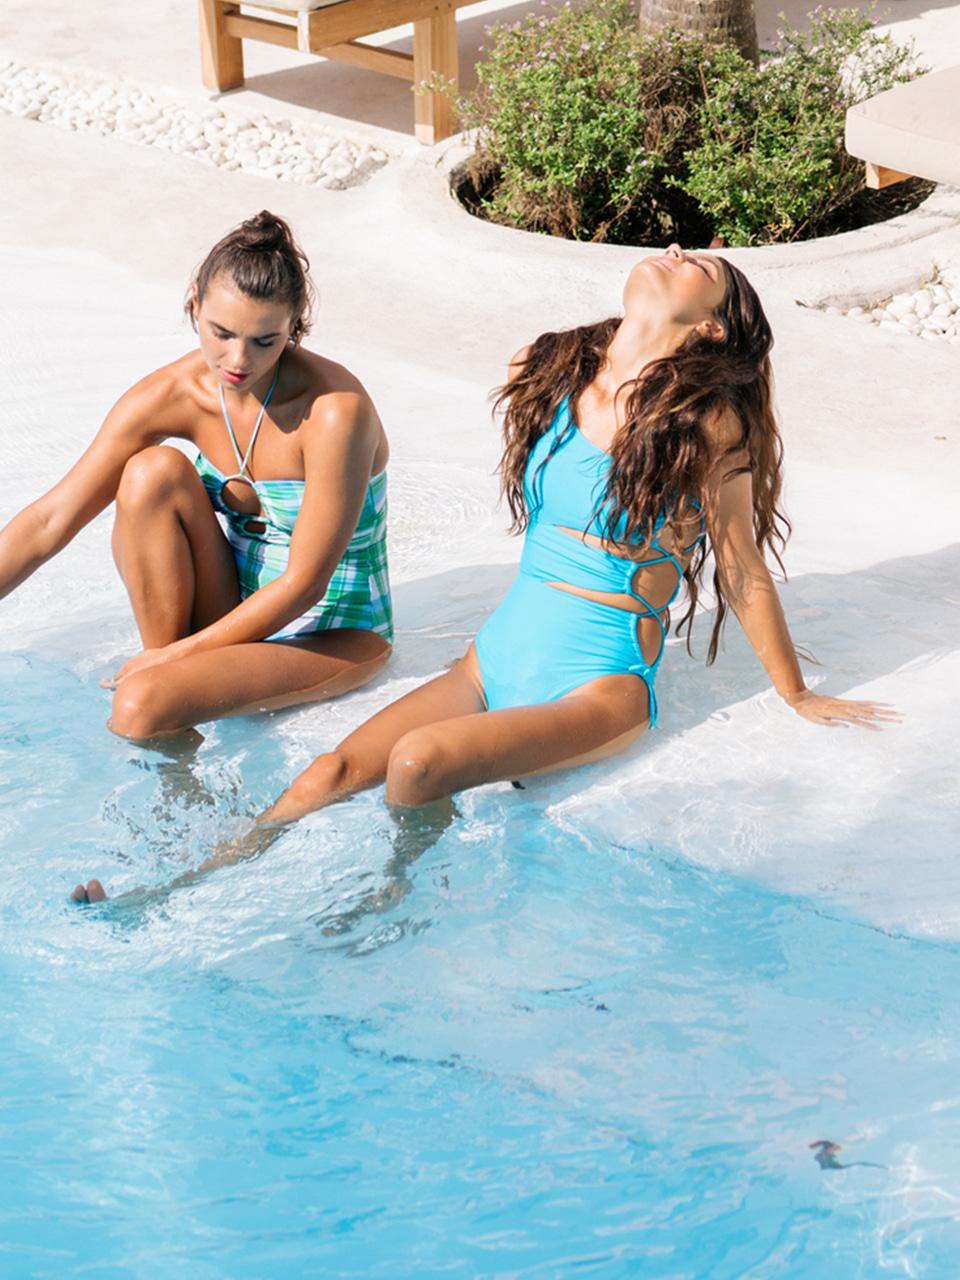 DAZE DAYZ X TPSYswimwear,수영복,비키니,데이즈데이즈,dazedayz,디자이너수영복,스윔웨어